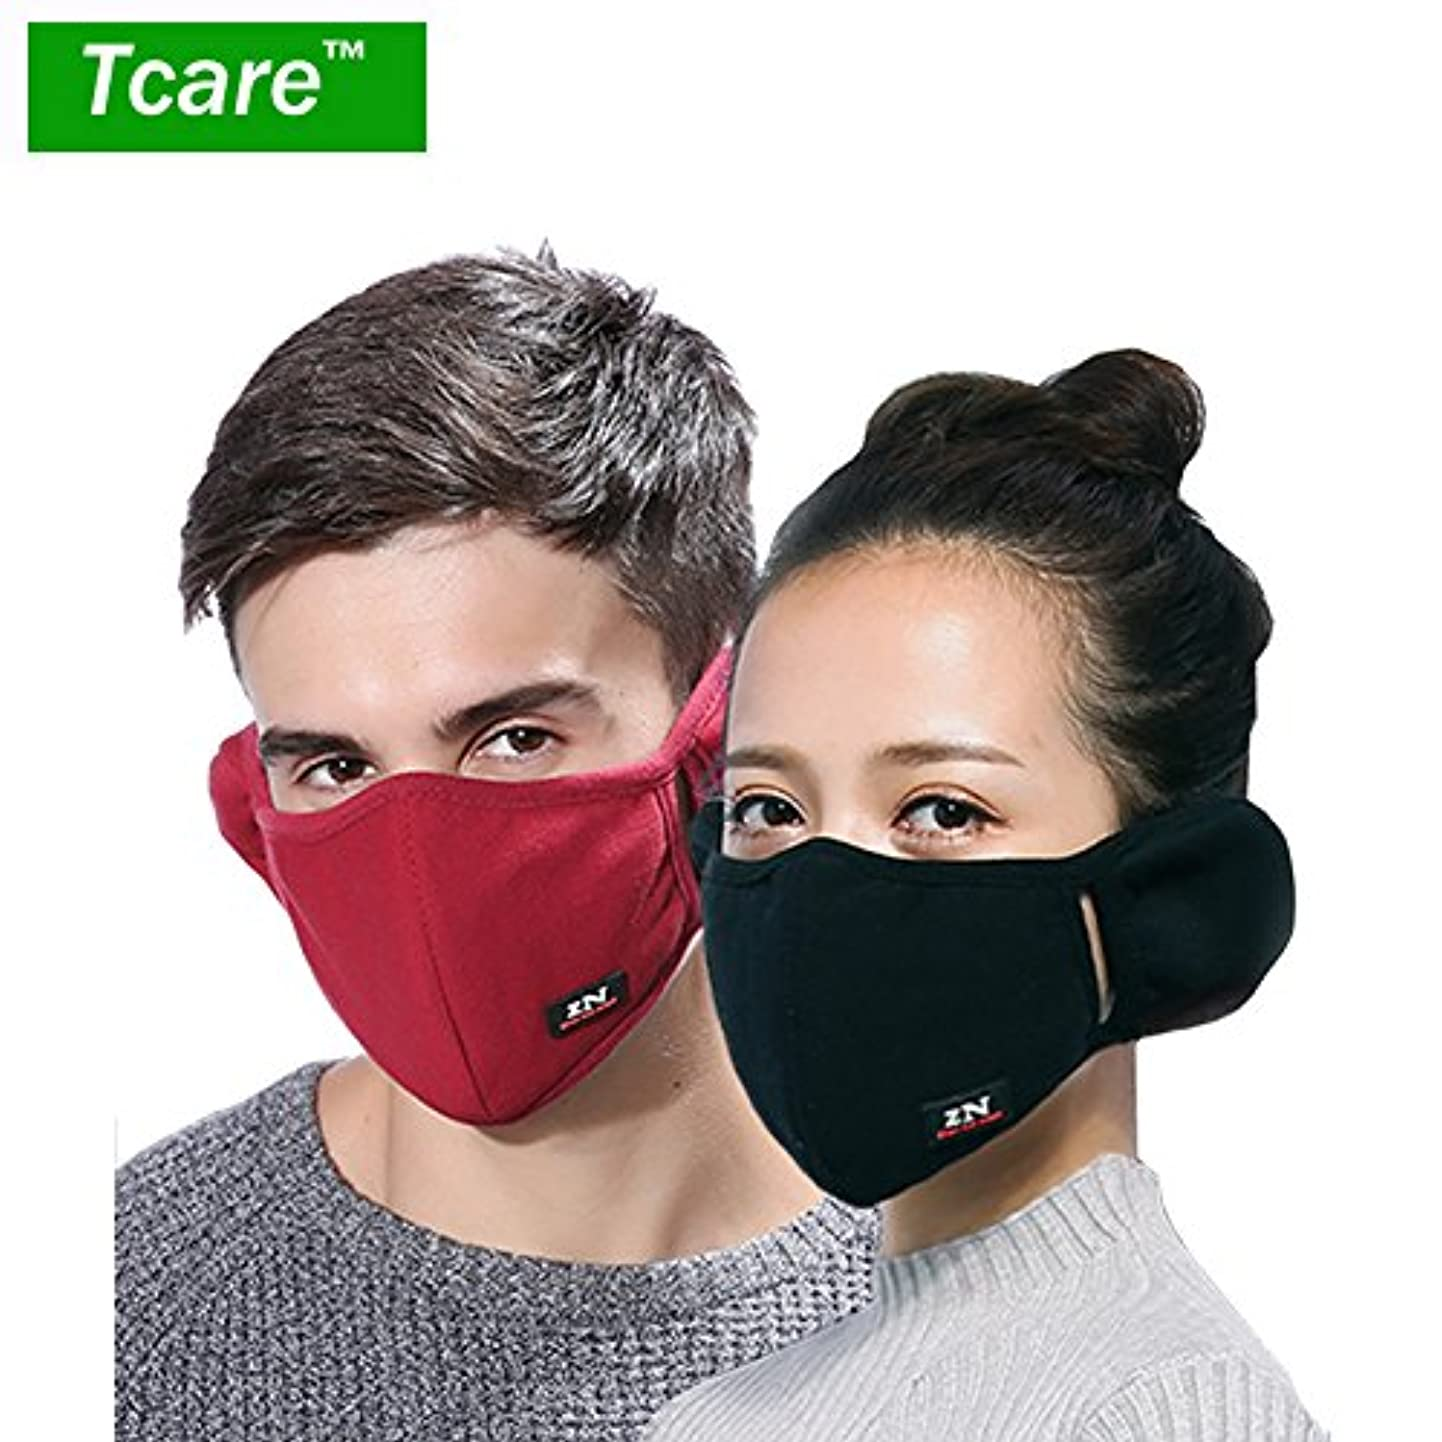 配当繁殖防衛男性女性の少年少女のためのTcare呼吸器2レイヤピュアコットン保護フィルター挿入口:2ダークグリーン